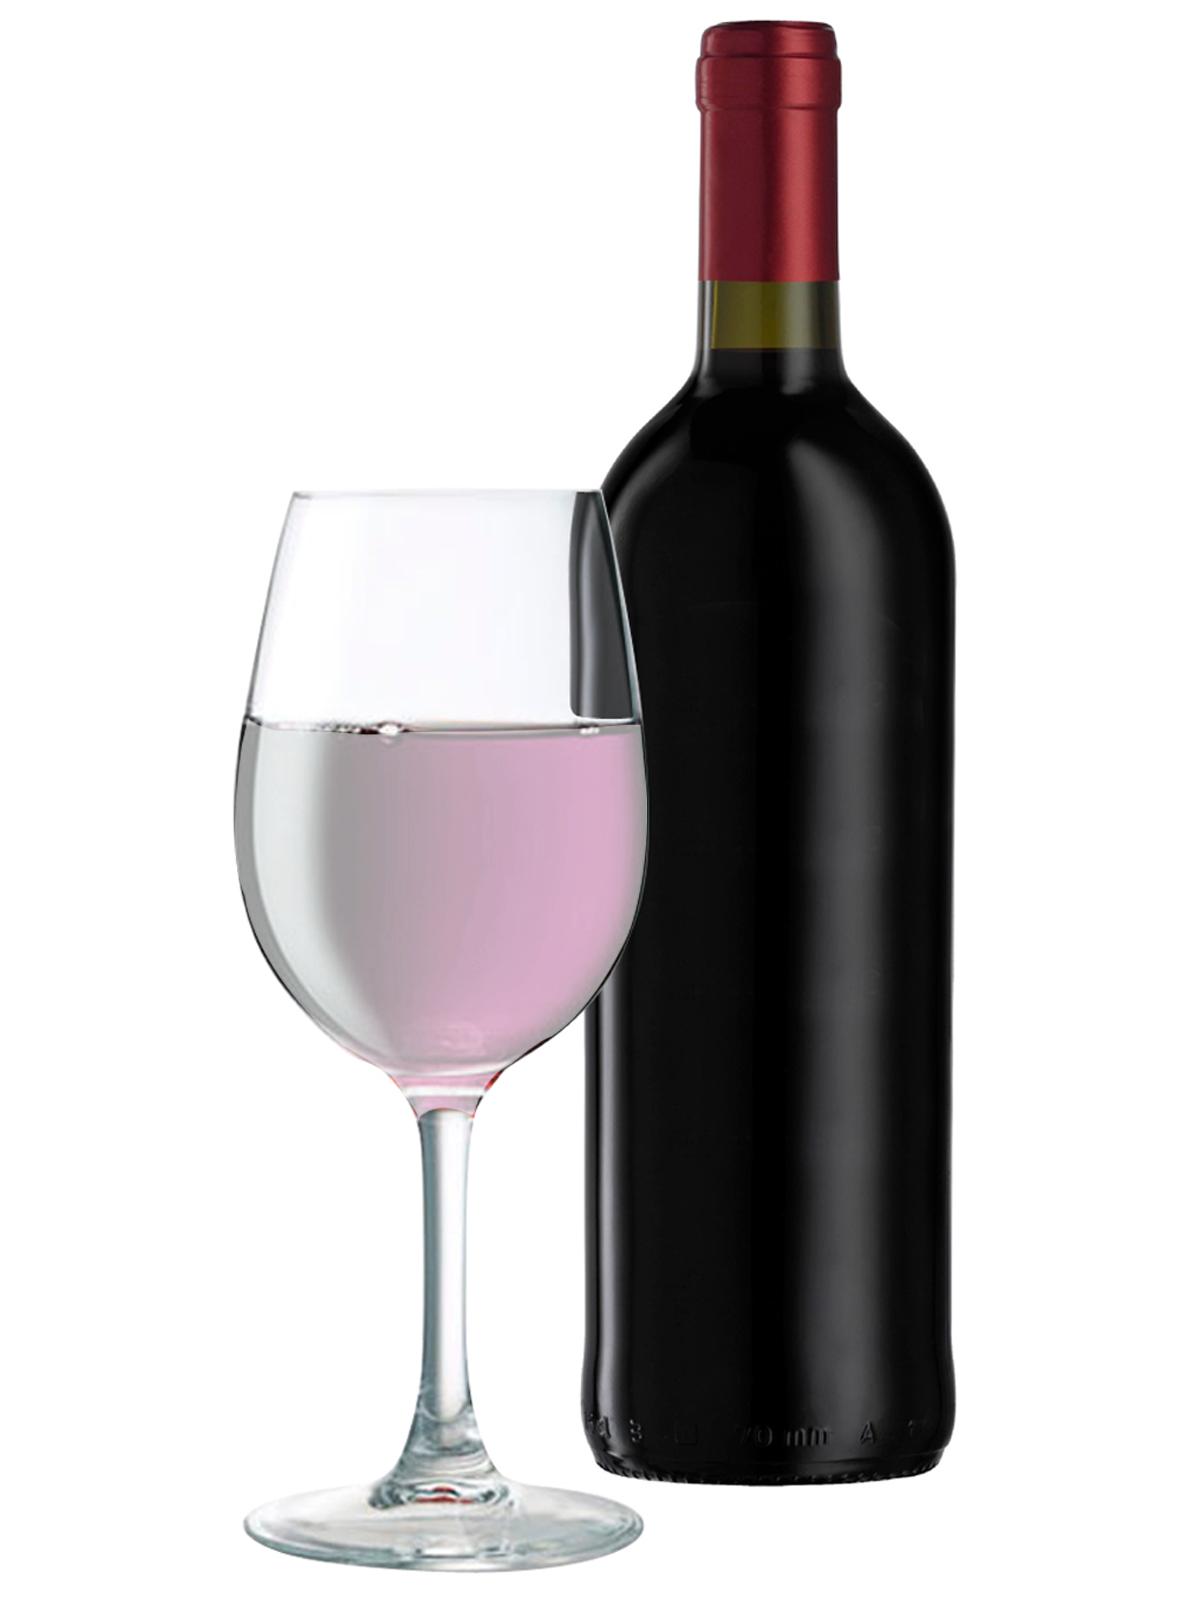 ไวน์ผลไม้ลูกหม่อน